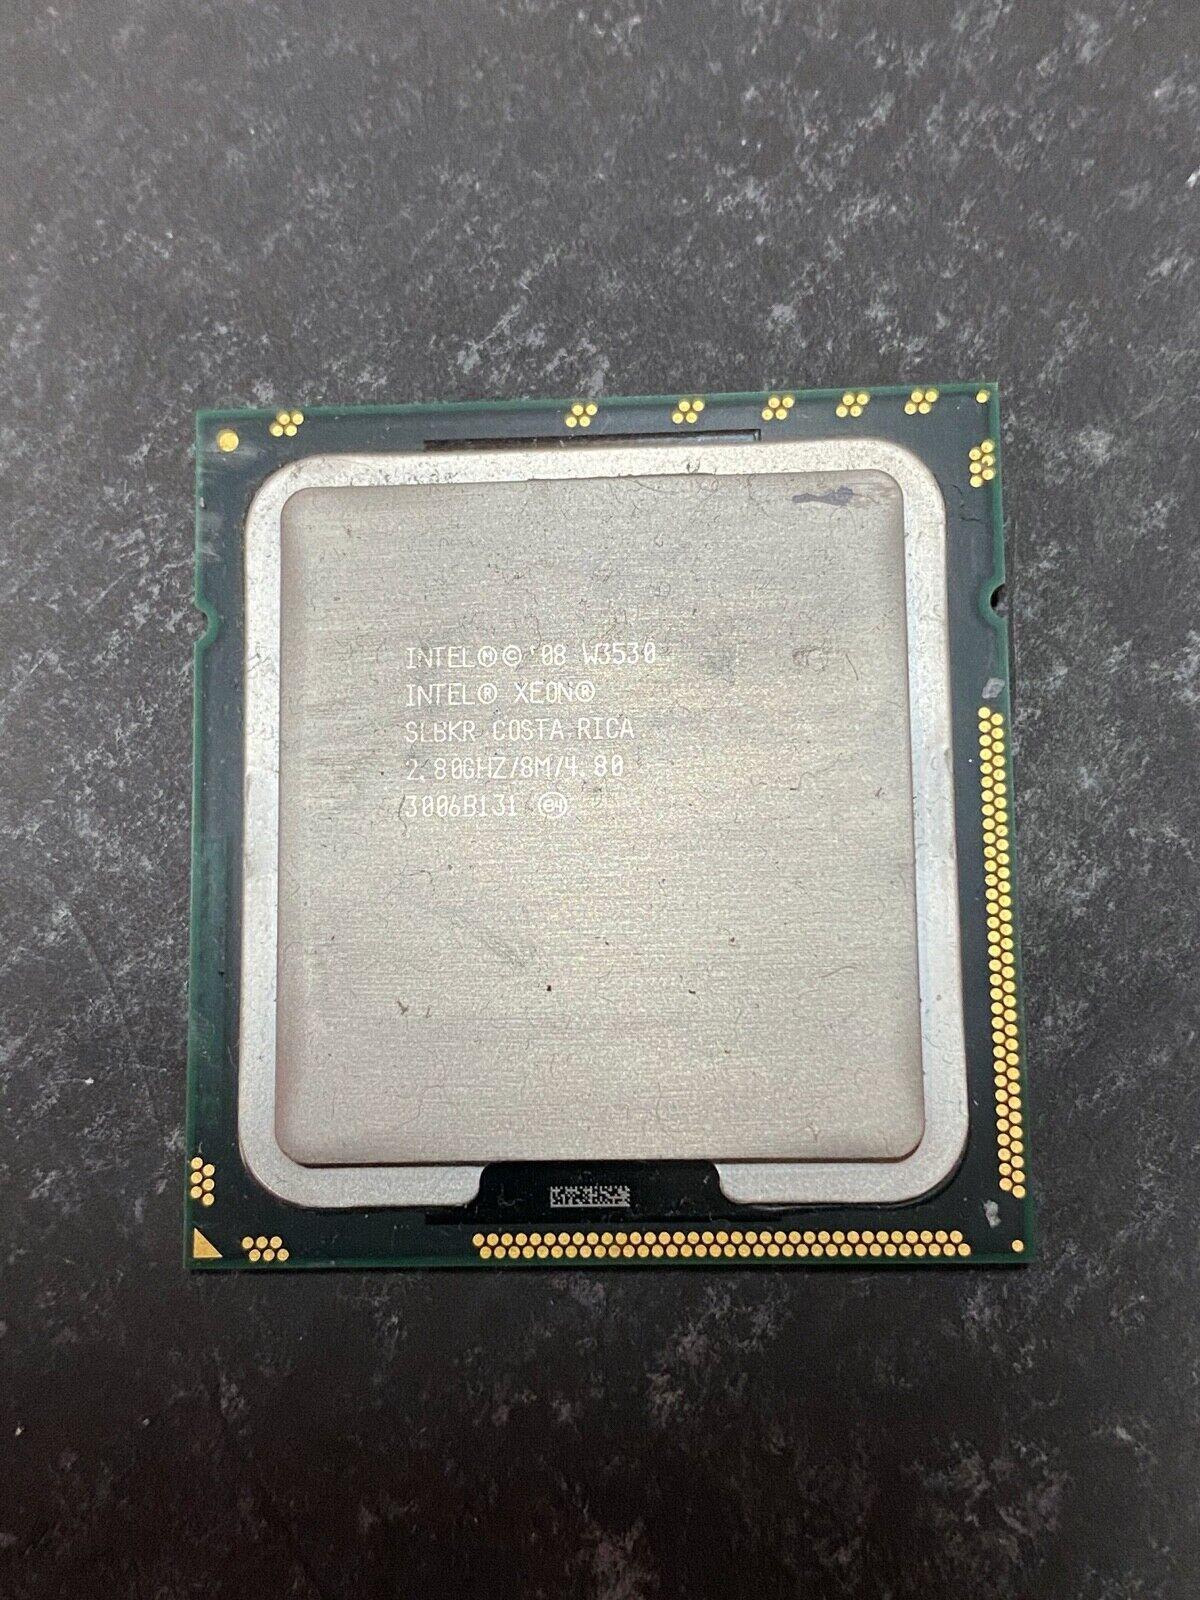 10 LOT Intel Xeon w3530 2.8Ghz CPU 4-Cores SLBKR Intel Socket 1366 mac pro pulls